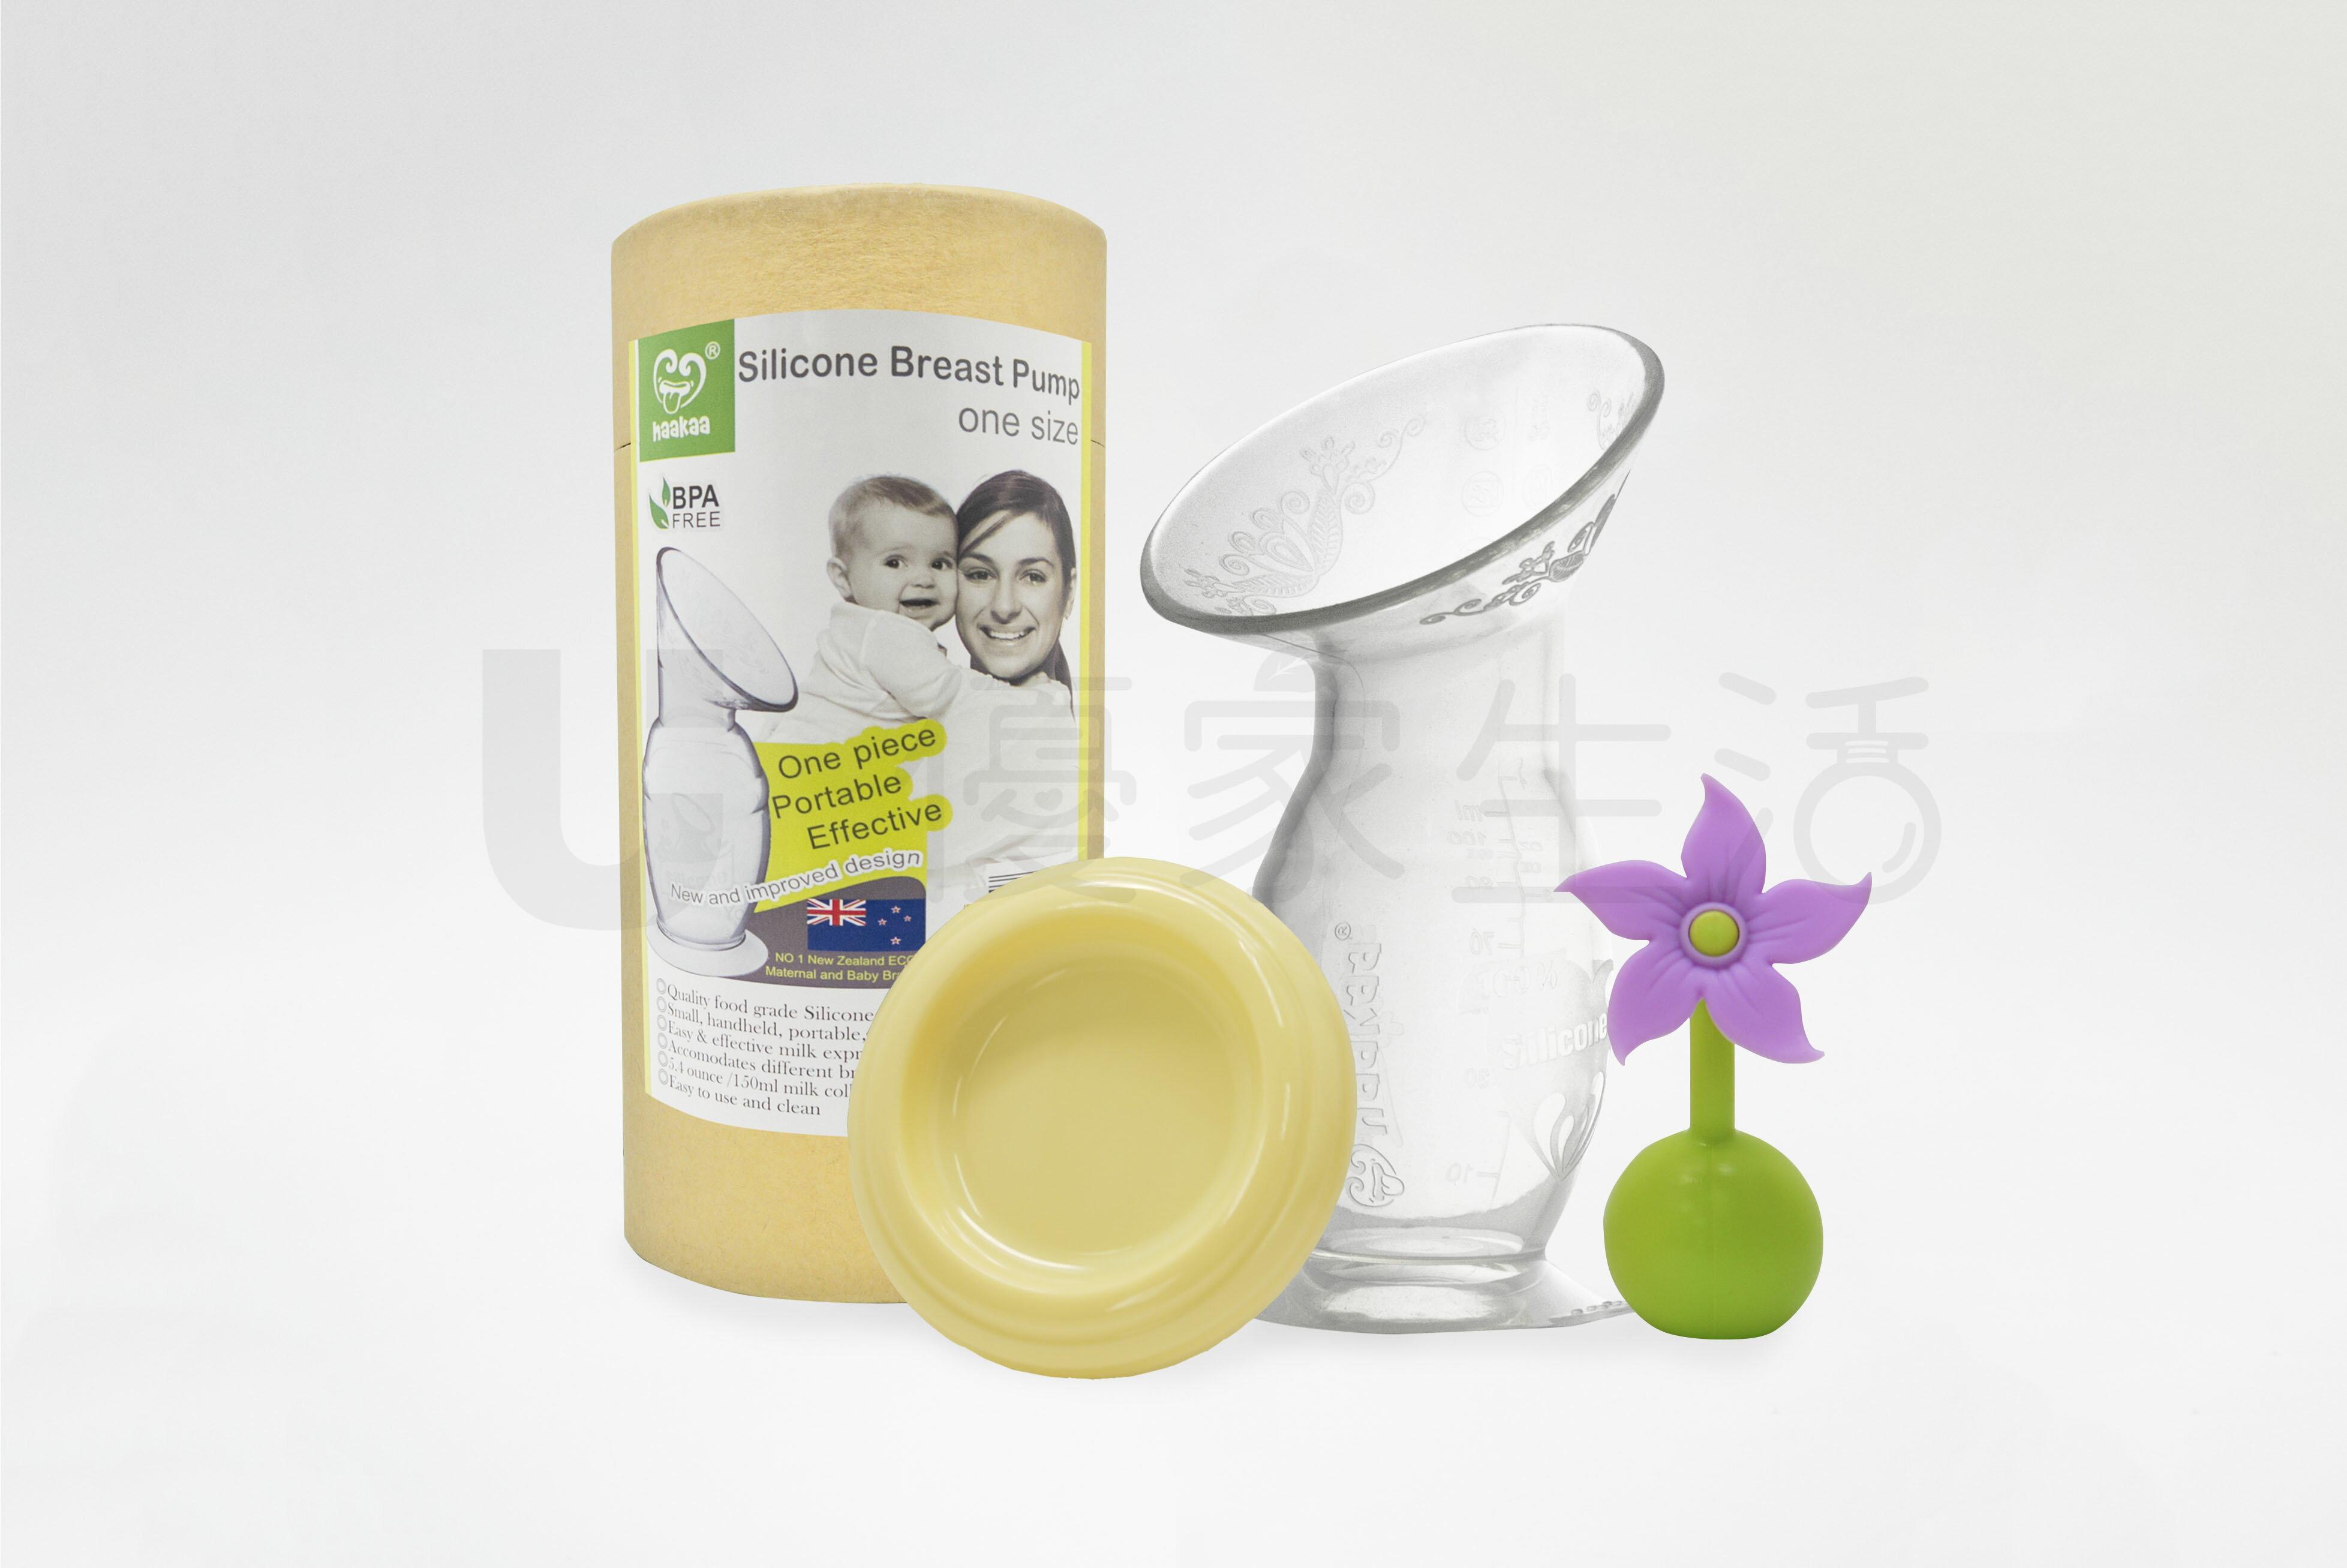 紐西蘭HaaKaa第二代真空吸力集乳器100ml(含小花瓶塞+防塵瓶蓋)新手媽媽實用組 2